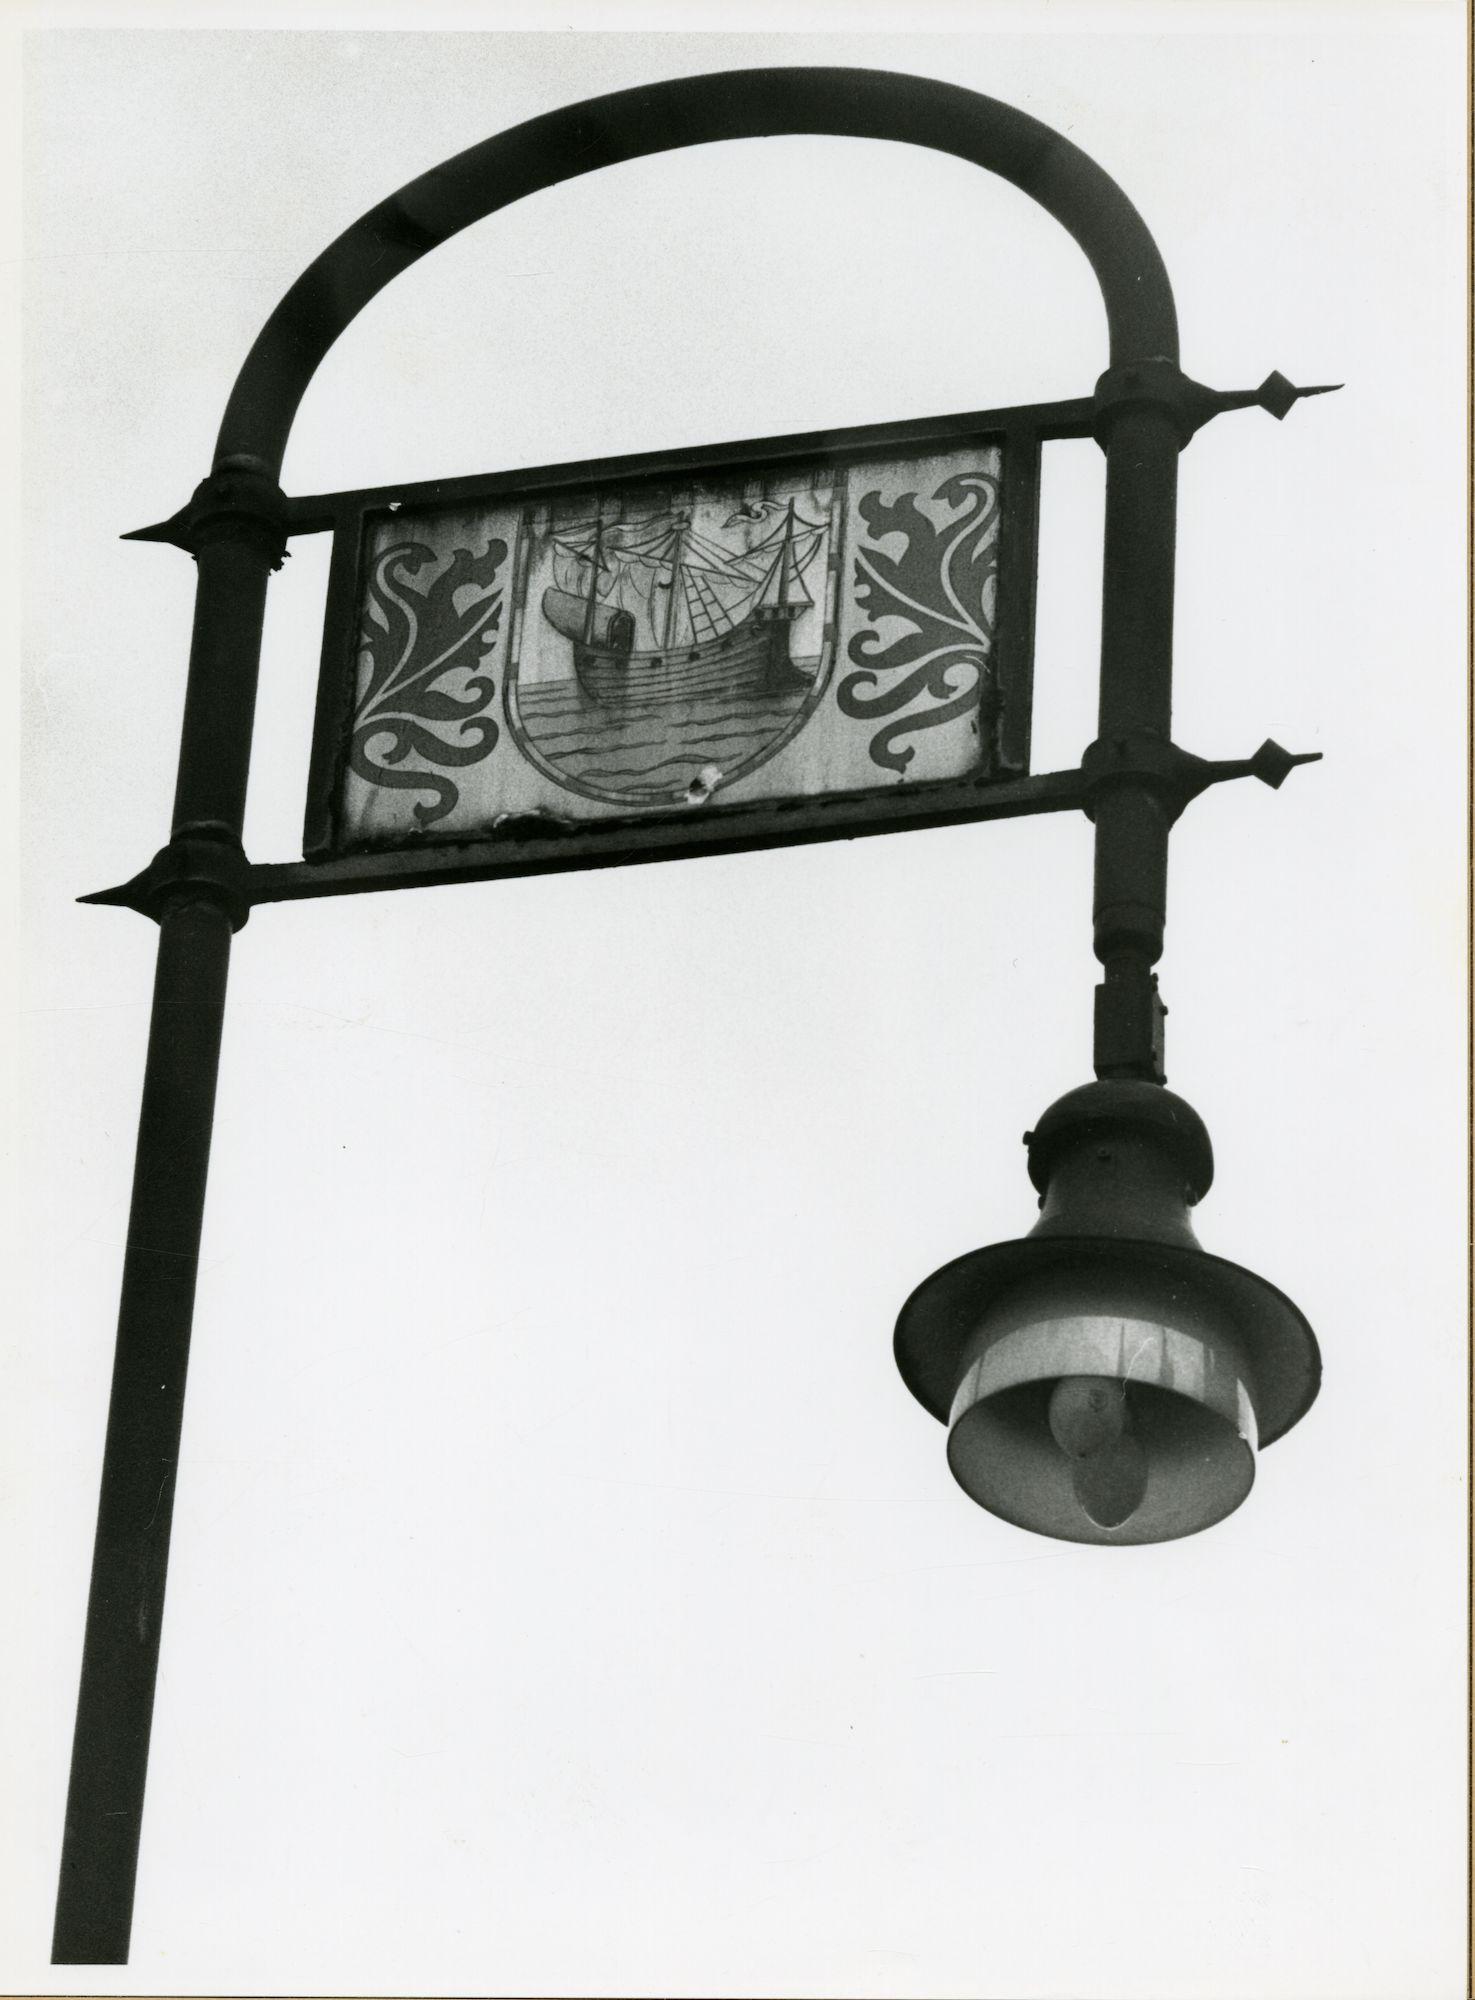 Gent: Graslei: lantaarn